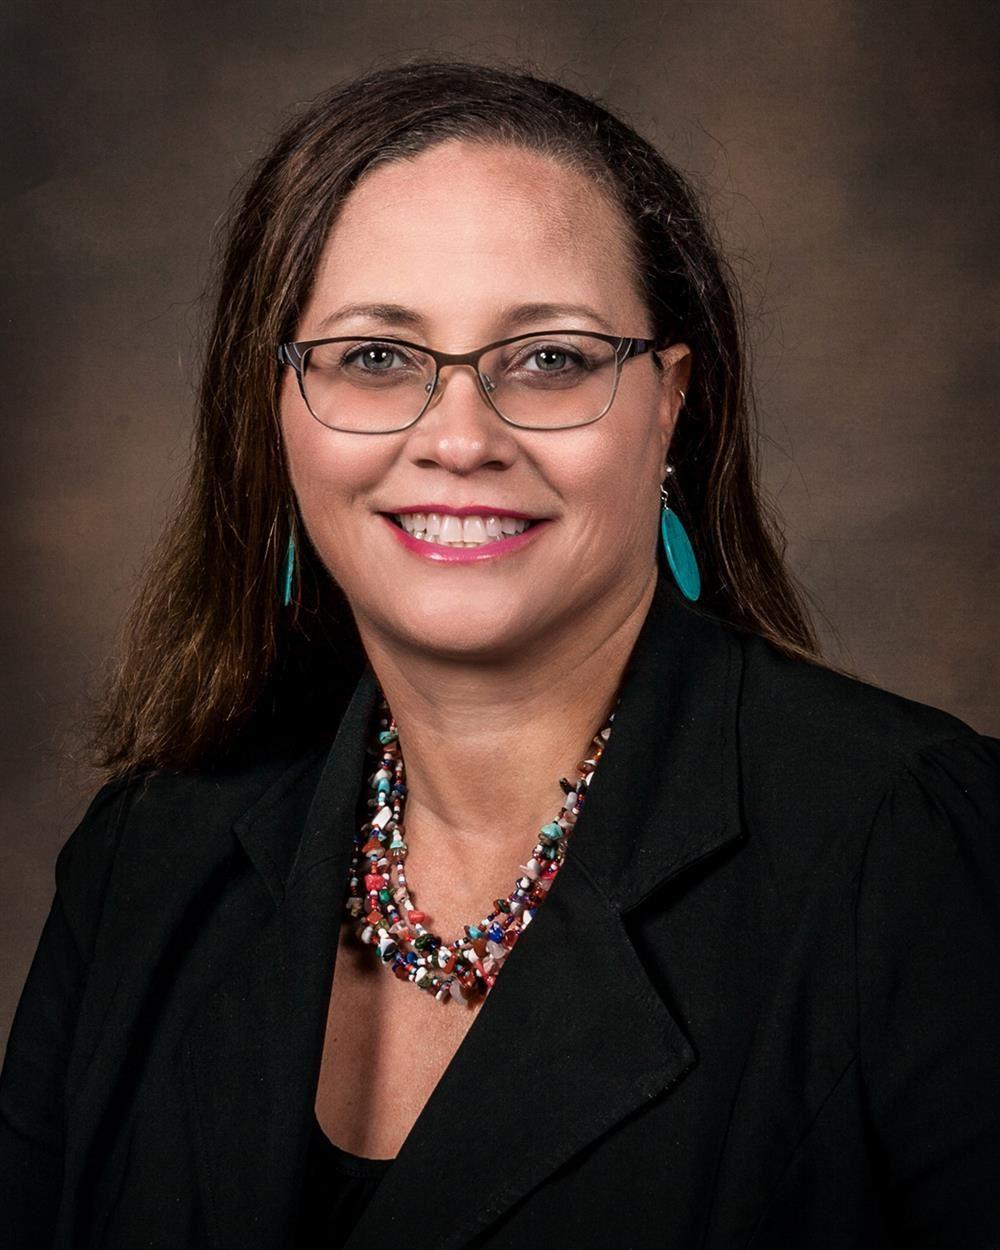 Katina Lynch, Assistant Principal